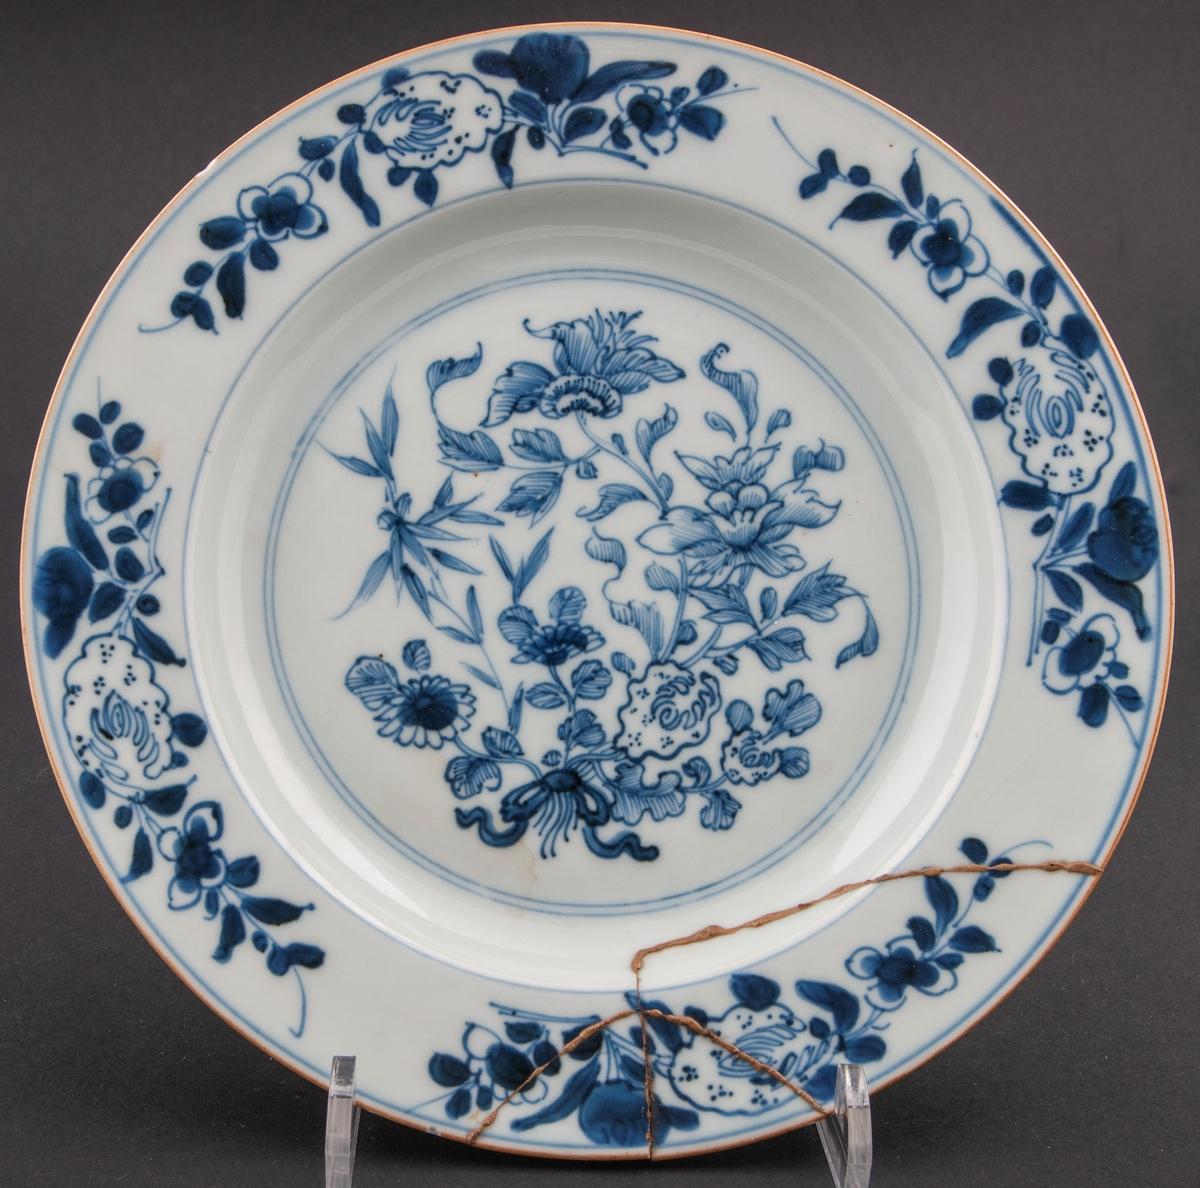 Tallrikar 3 st. Olika dekor. Lagade. ostindiskt porslin. Blåvit bottenglasyr med blå blomdekor i underglasyr. Utan fabrikationsmärke. Komaniporslin.